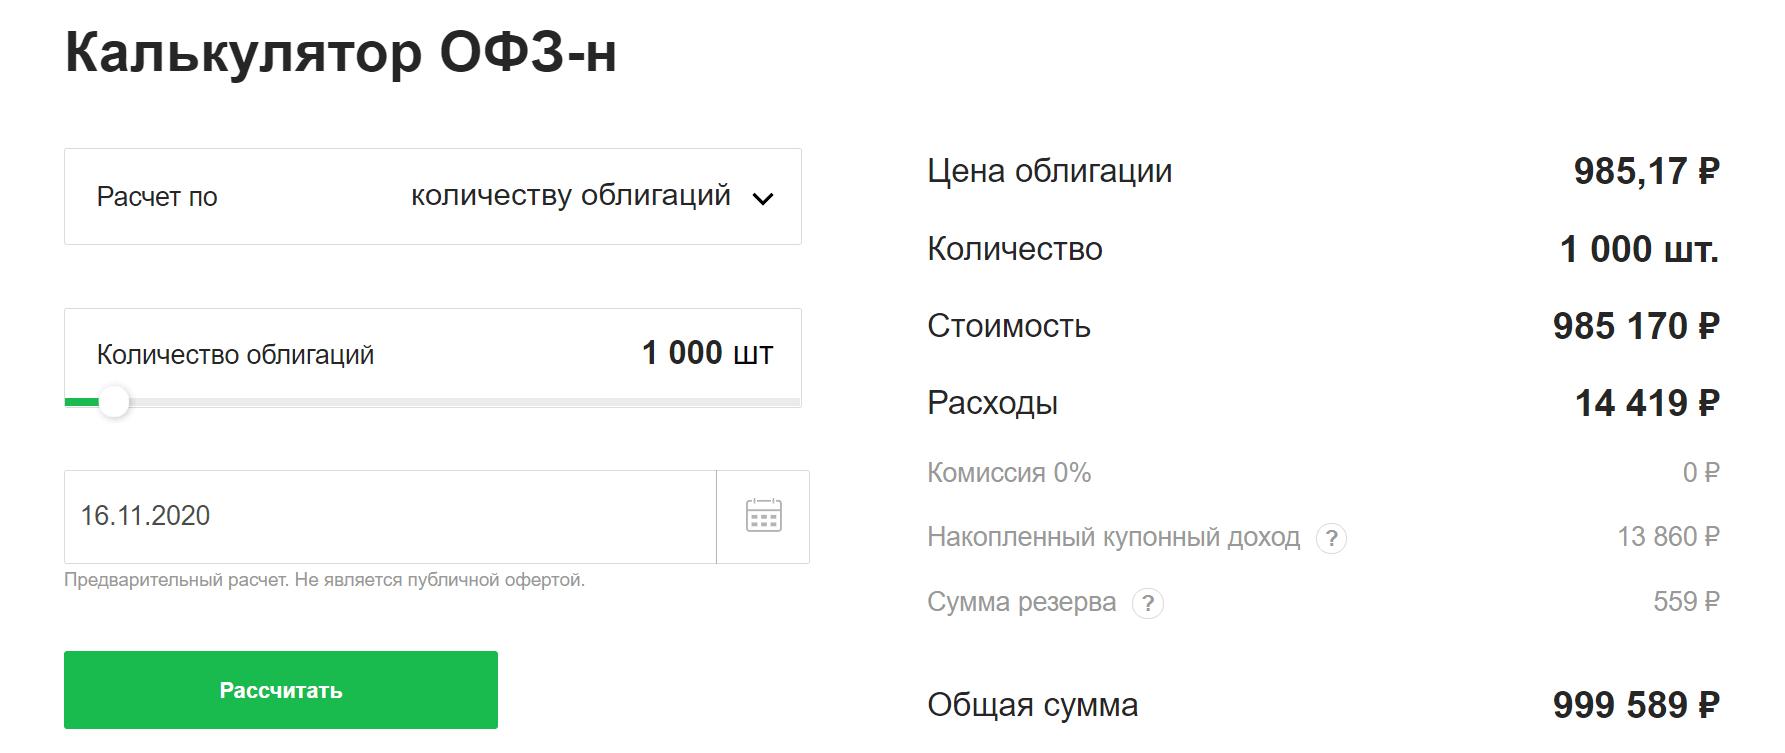 Калькулятор ОФЗ-Н